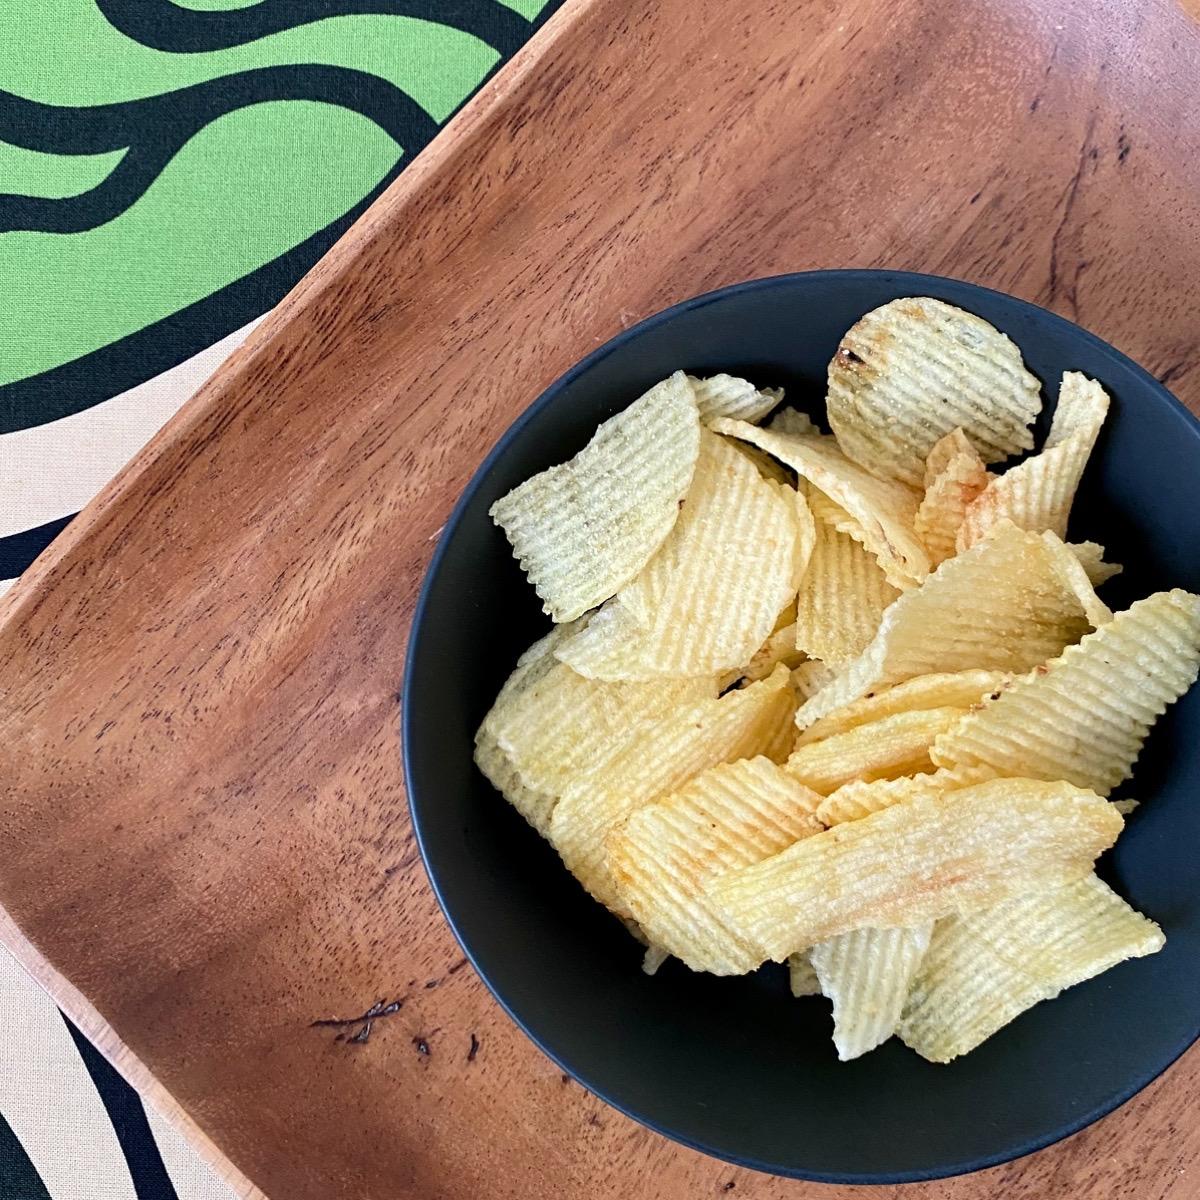 無印良品 ポテトチップス おつまみ 塩 ガーリック コンテチーズ 食べ比べ